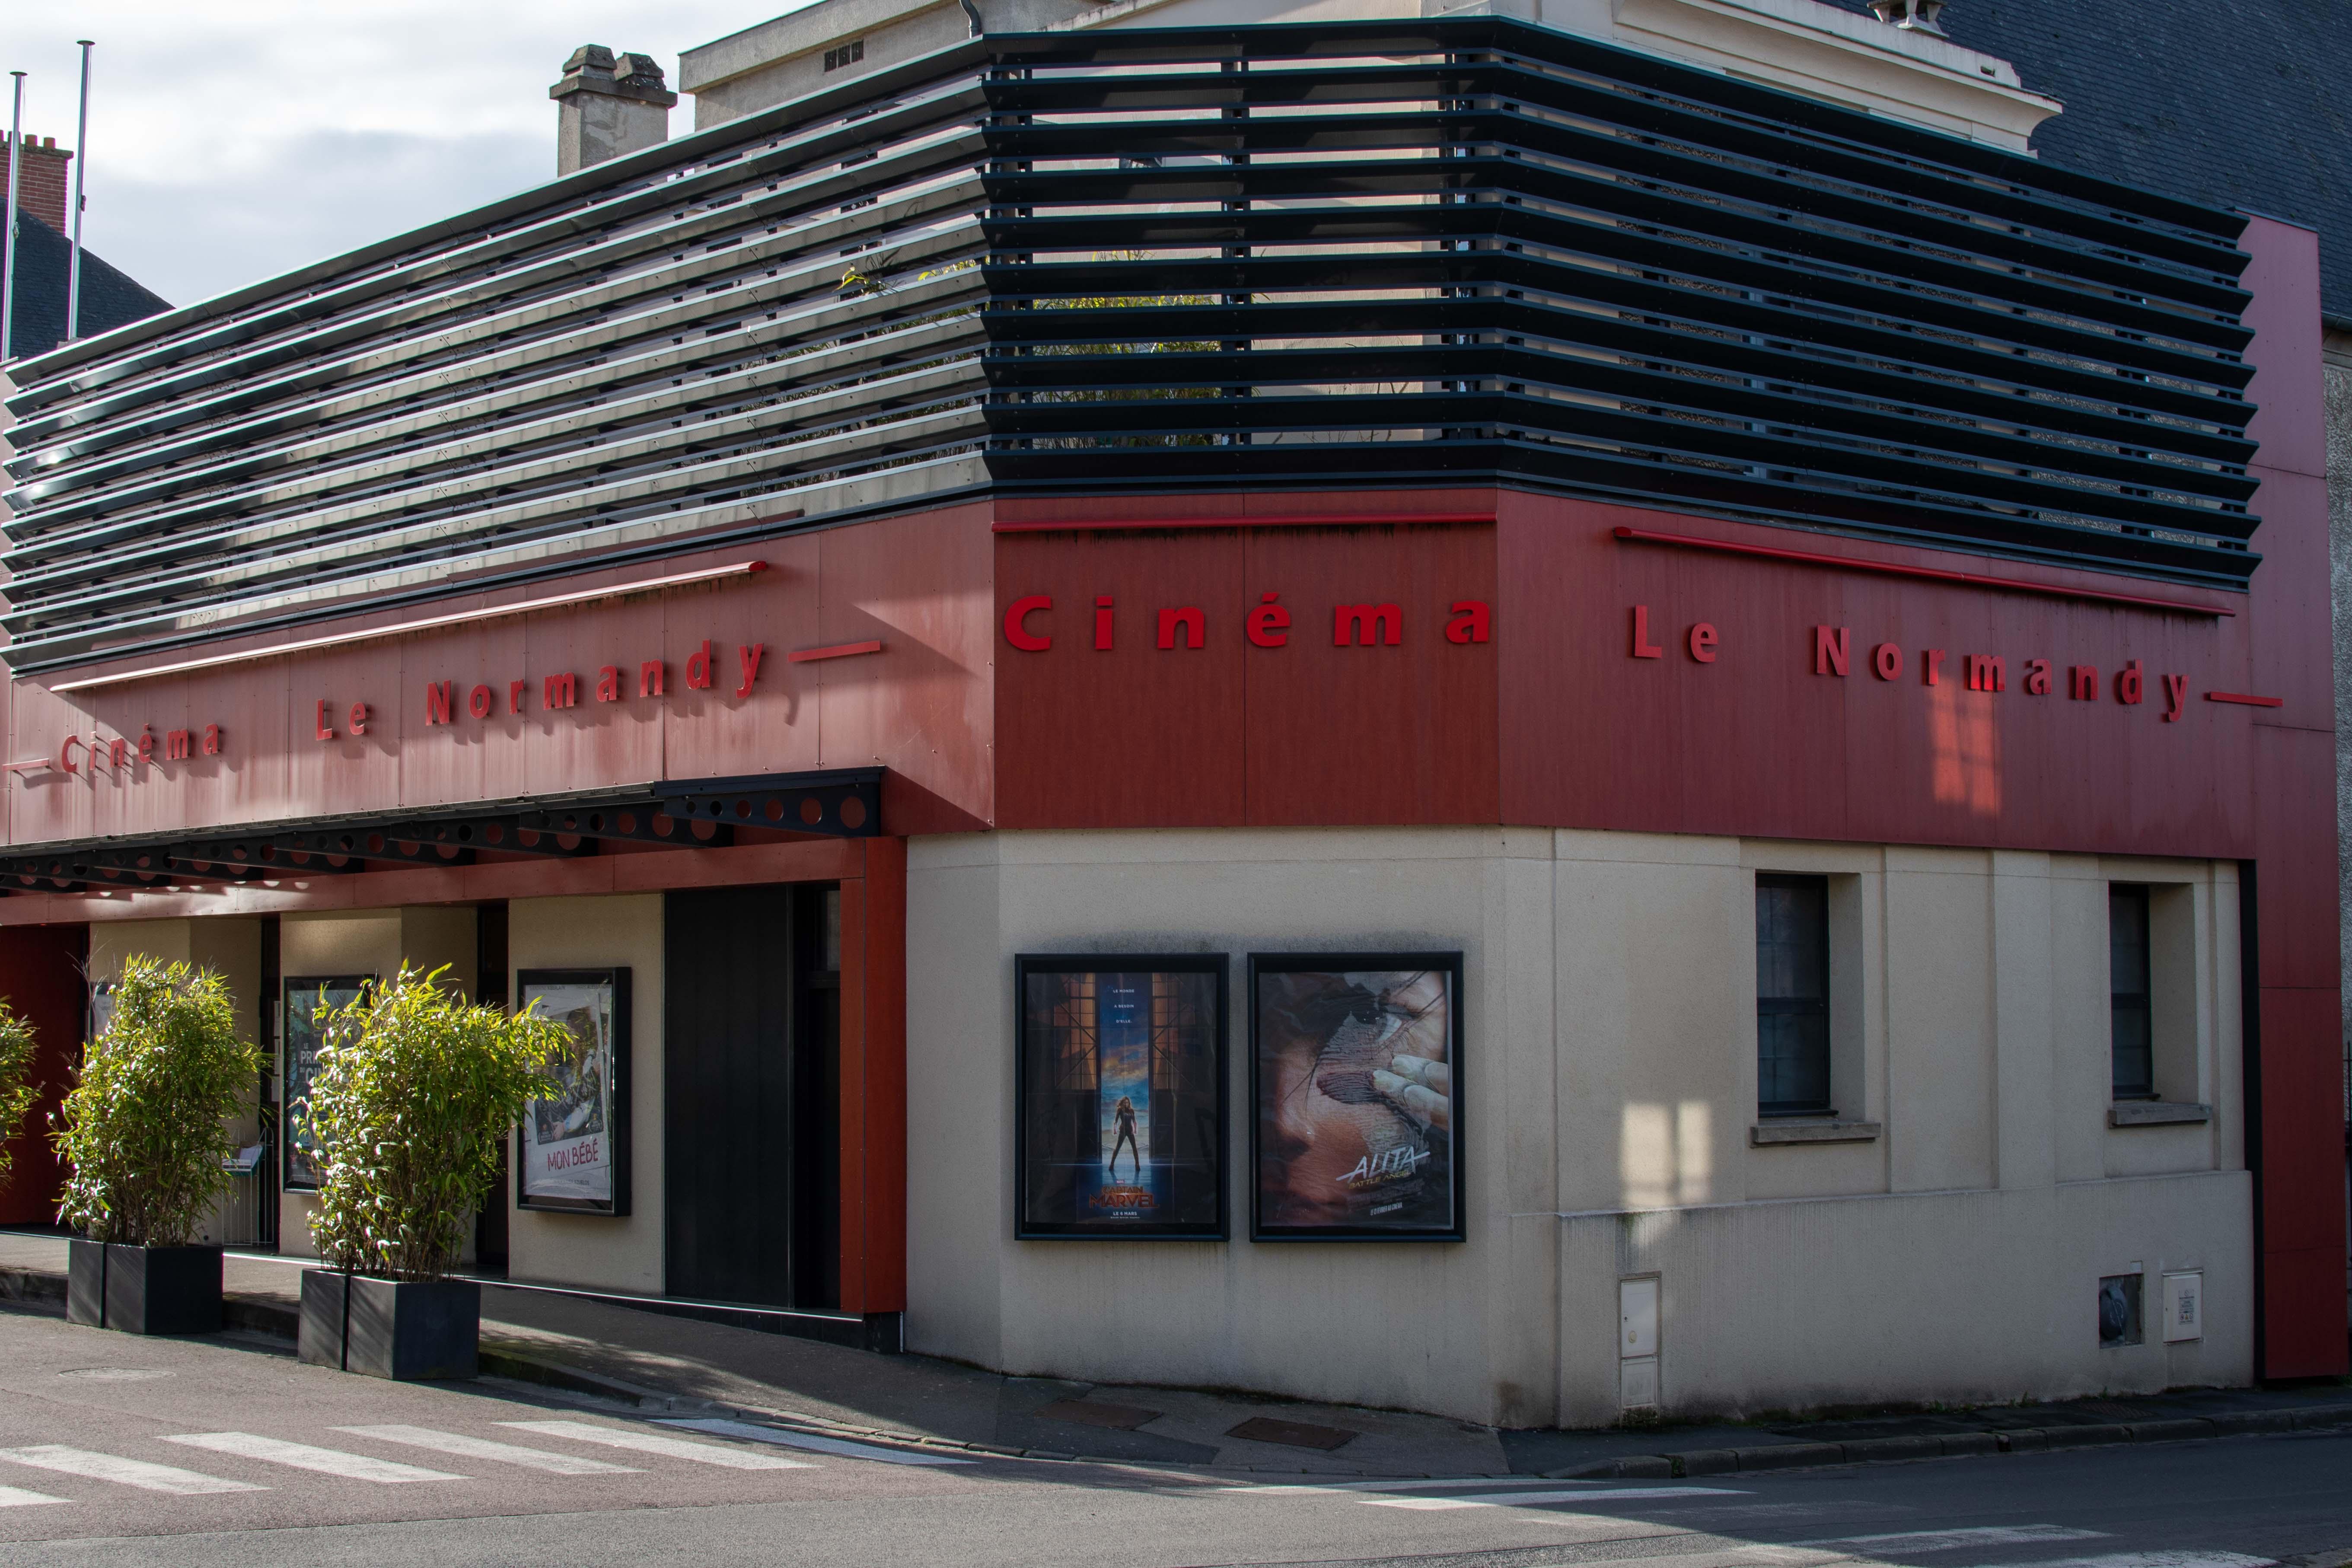 File:Cinéma Le Normandy à Argentan.jpg - Wikimedia Commons